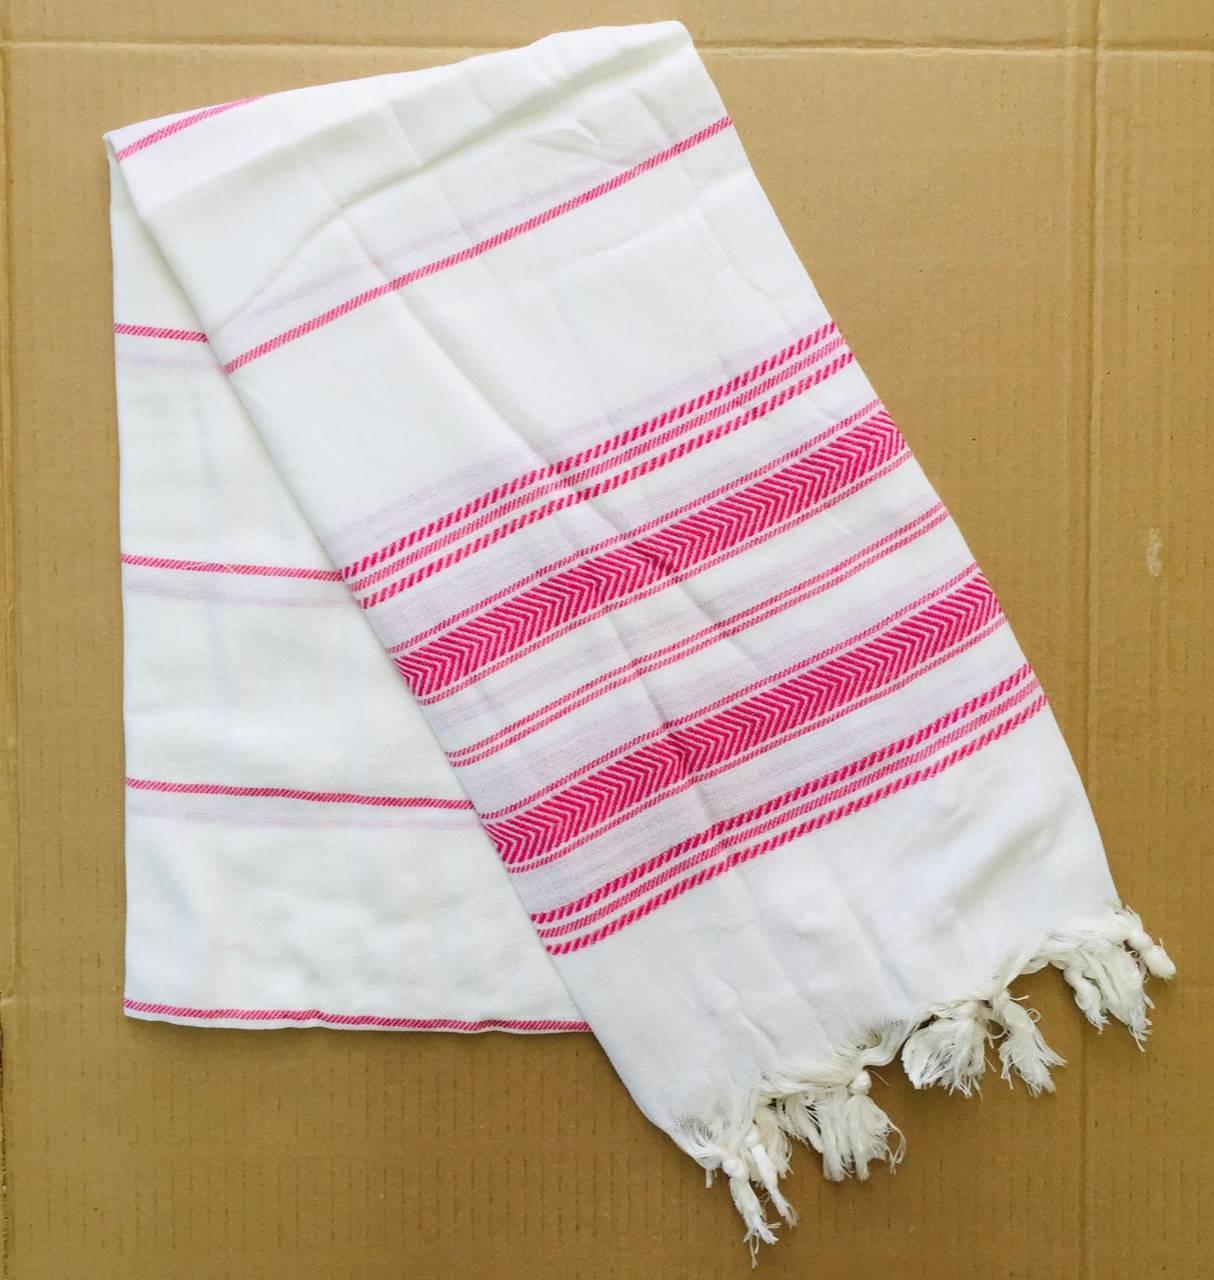 Полотенца пляжные Пештемаль 100*180 (200г/м2), Турция 1247906248